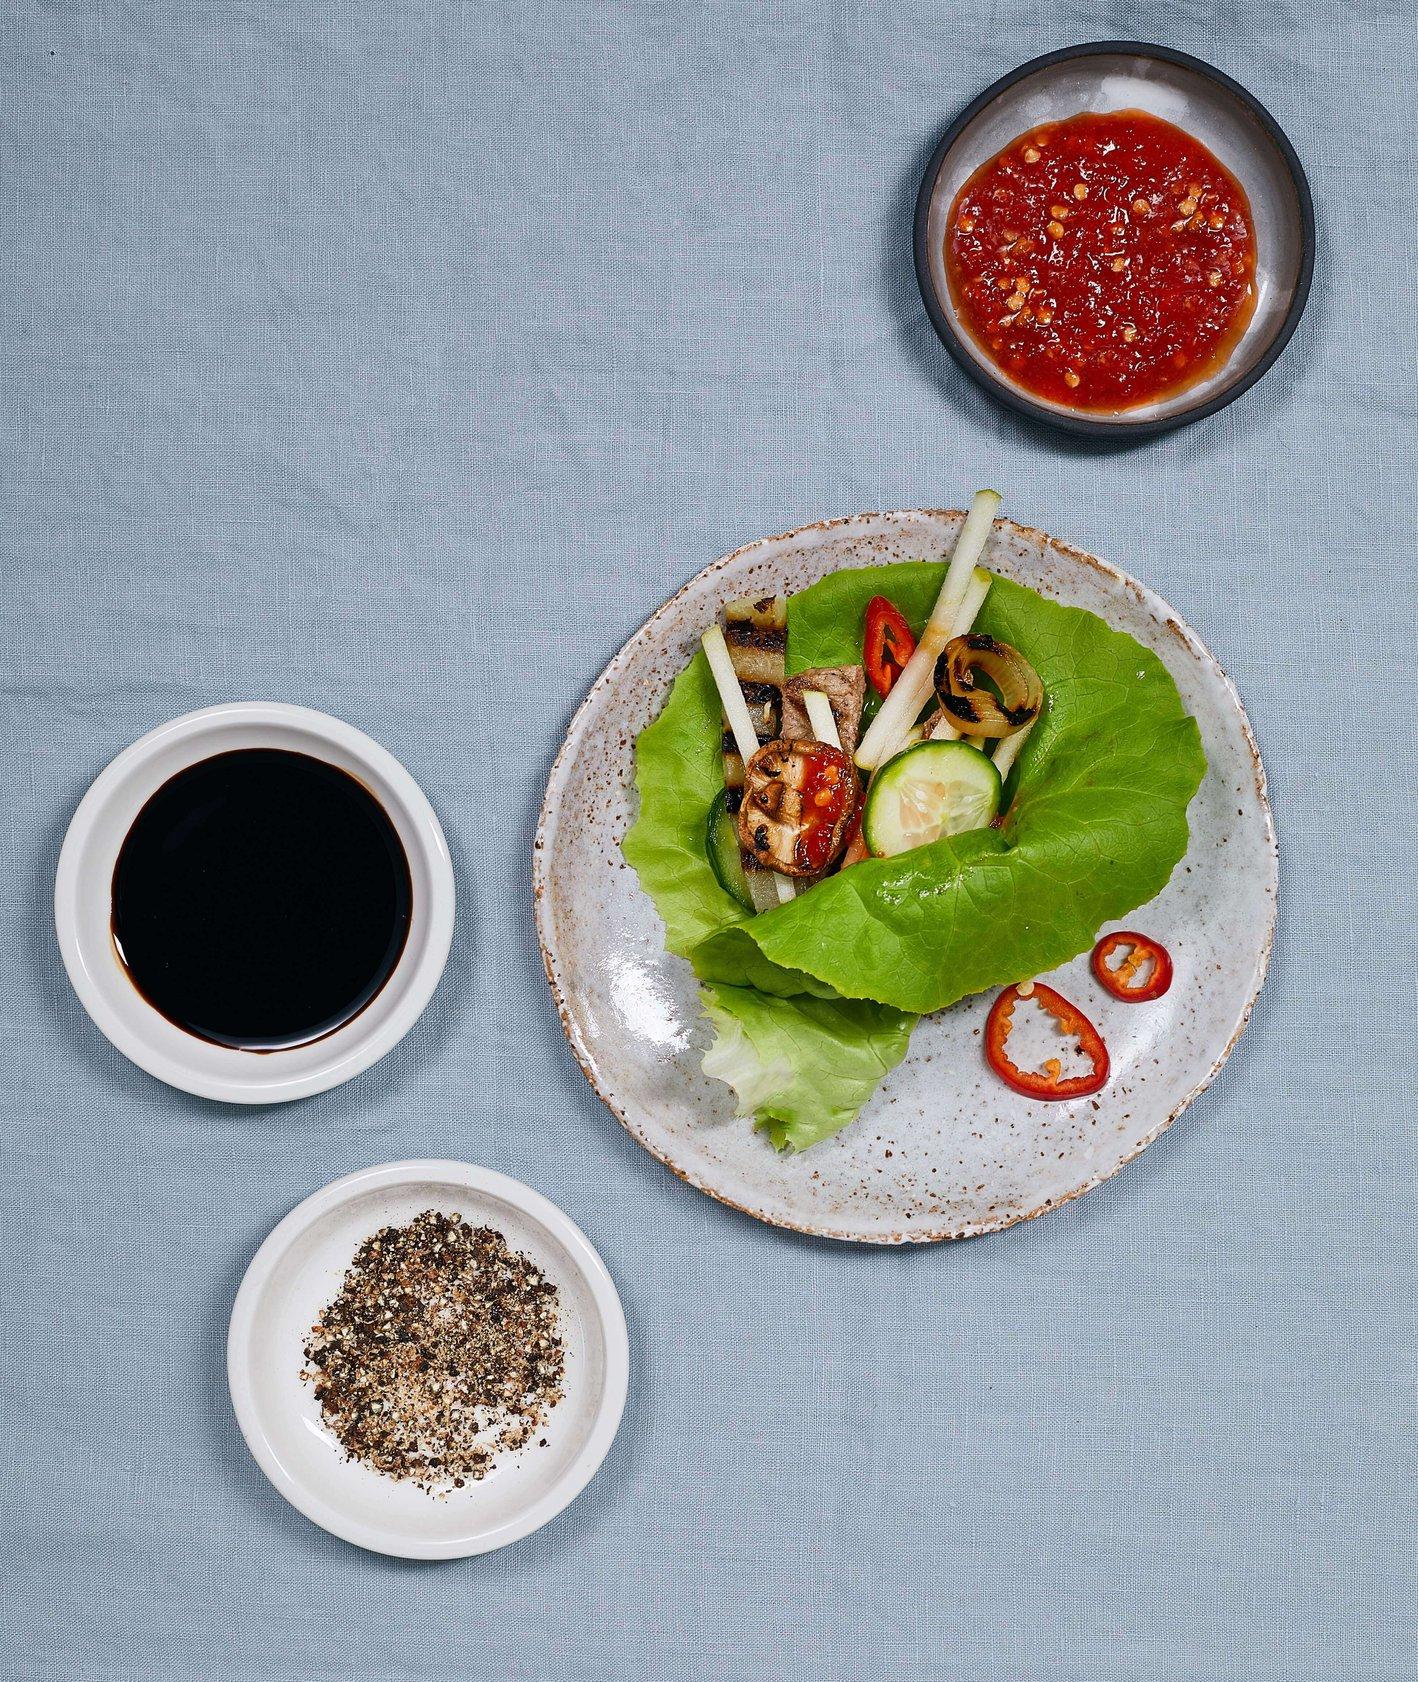 Koreański grill, mięso, warzywa, sosy i pikle  (fot. Maciek Niemojewski)